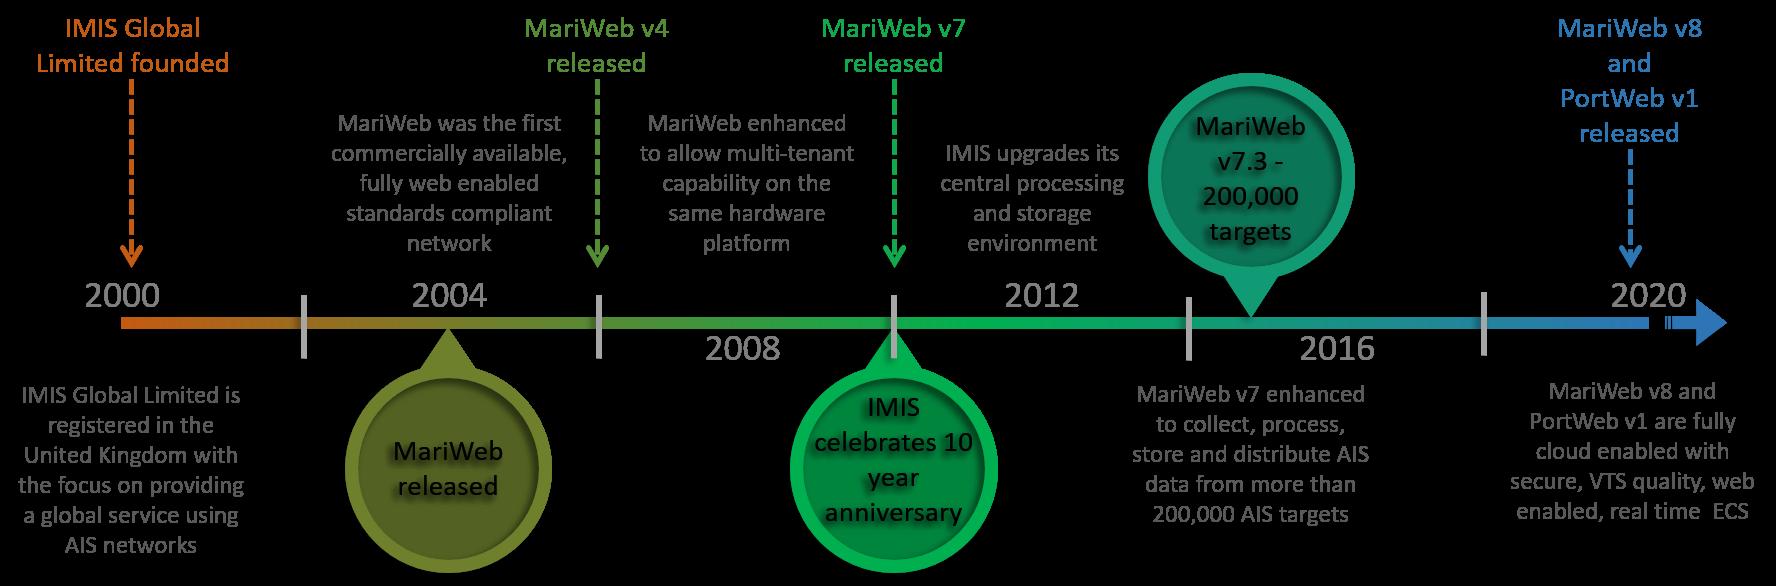 IMIS Time Line